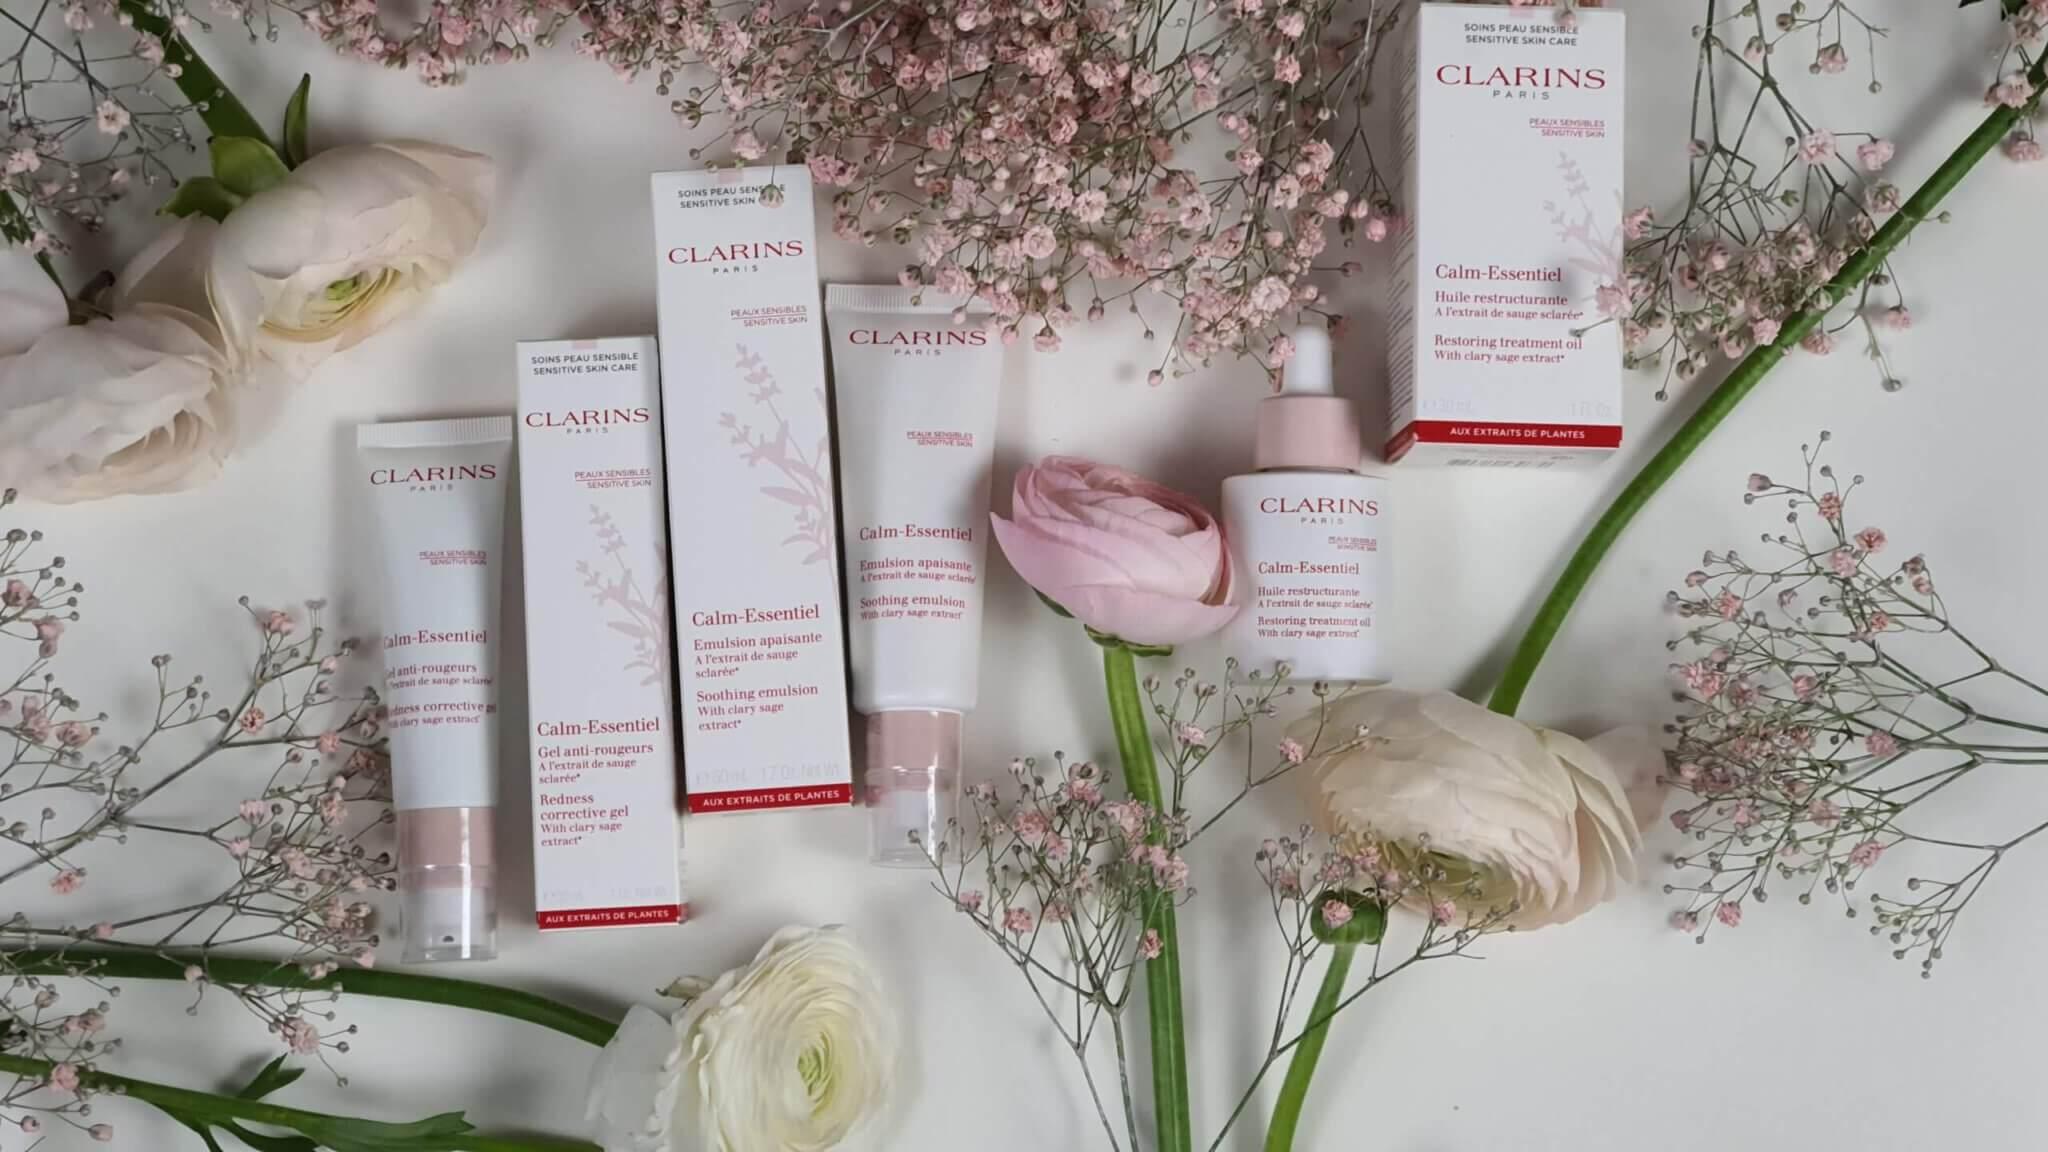 Clarins Calm Essentiel für sensible Haut - Erfahrungen